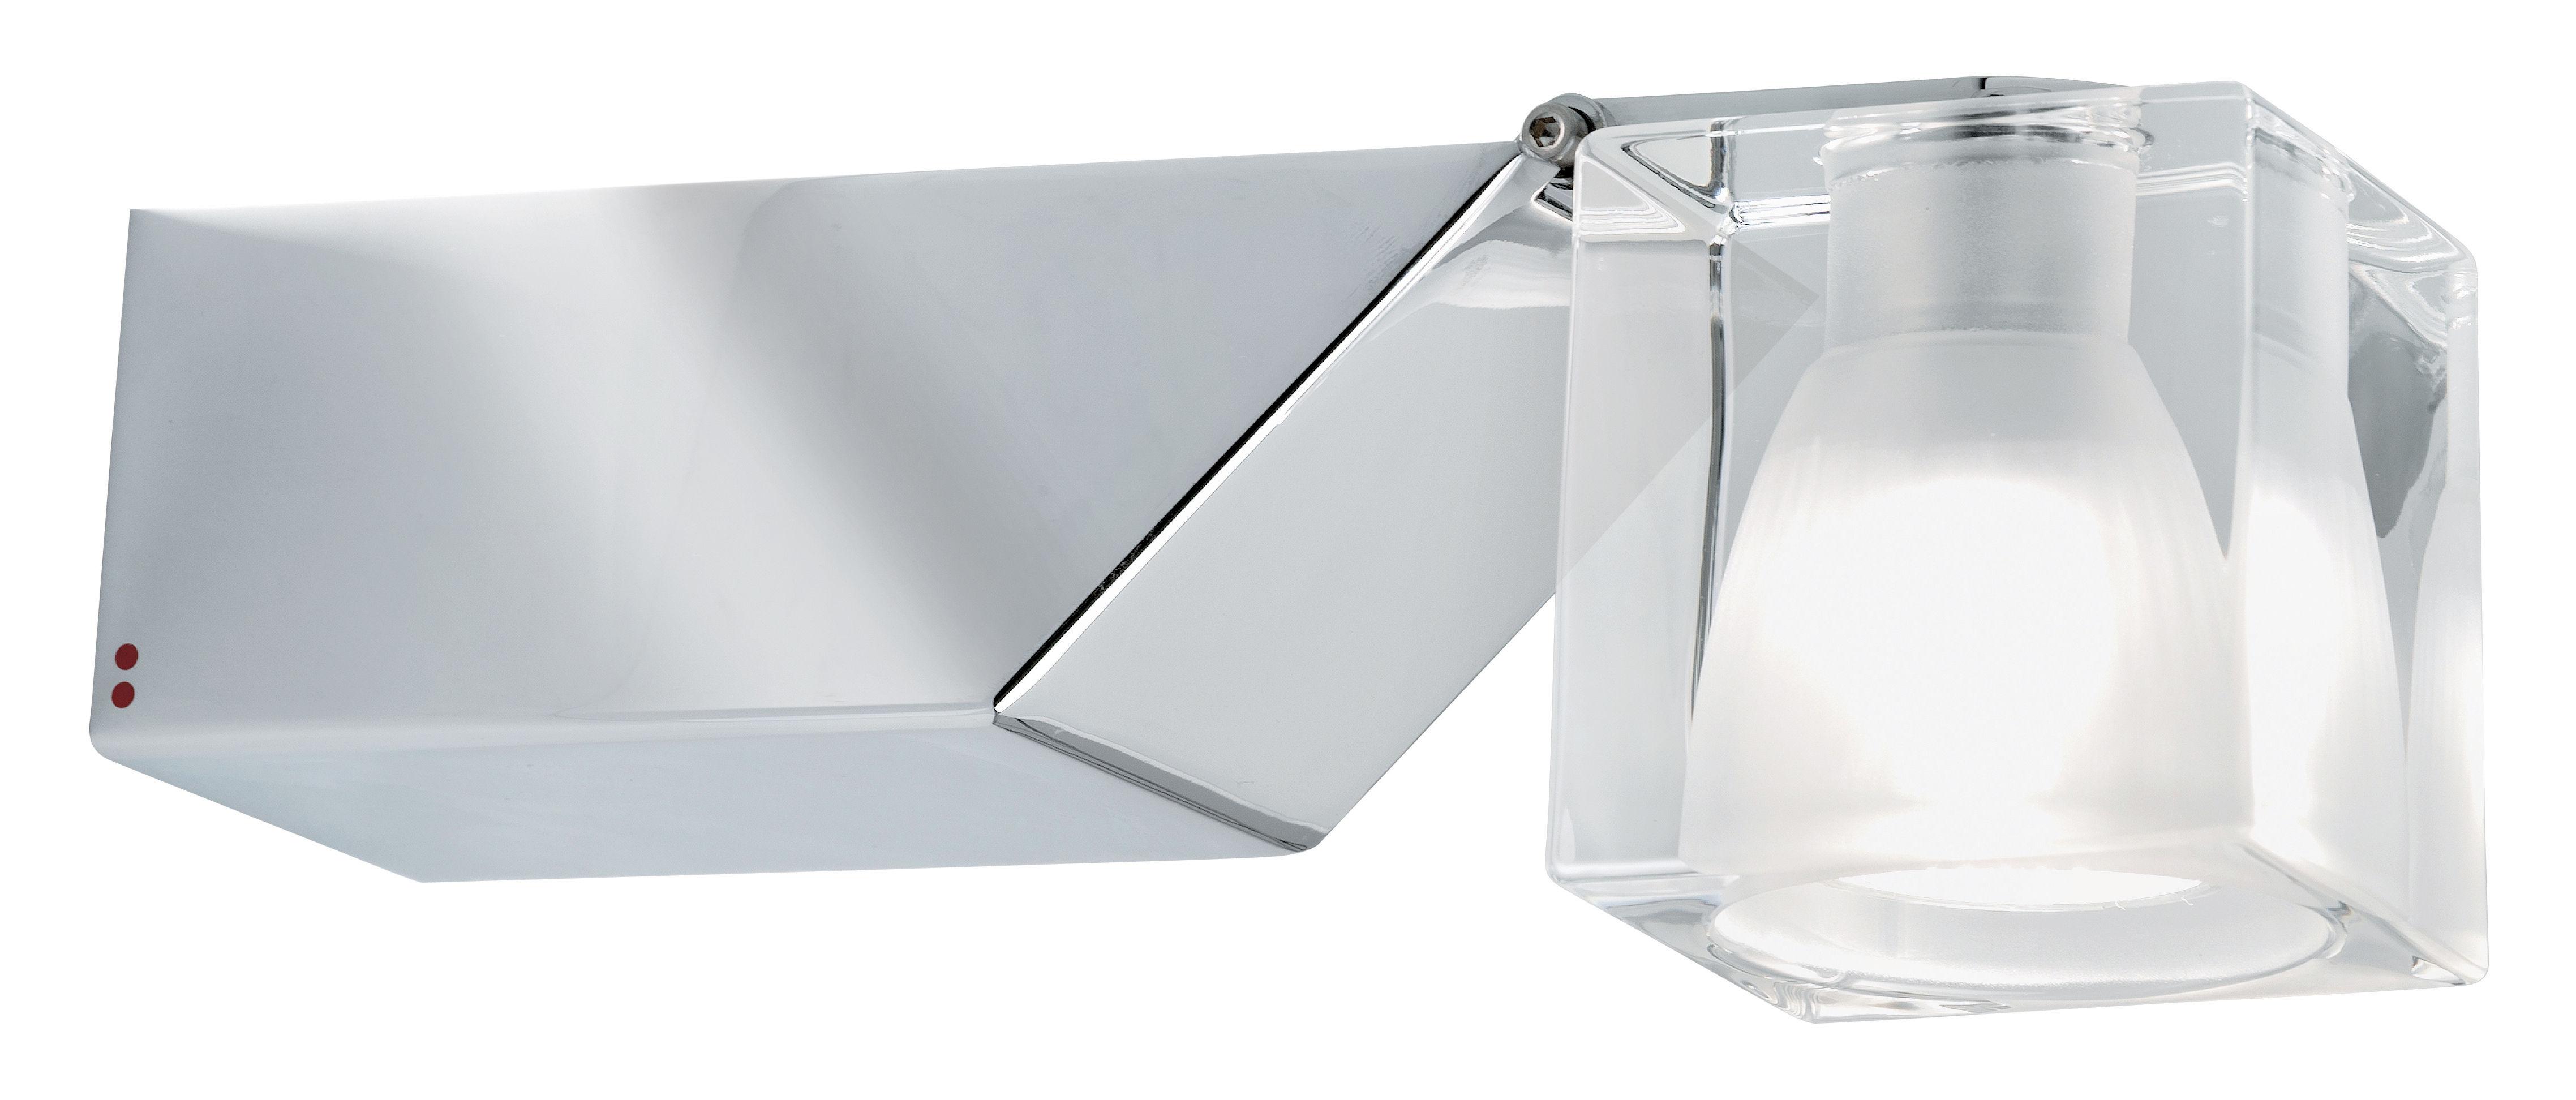 Leuchten - Wandleuchten - Cubetto - Crystal Glass Wandleuchte schwenkbar - Fabbian - Transparent - Glas, verchromtes Metall